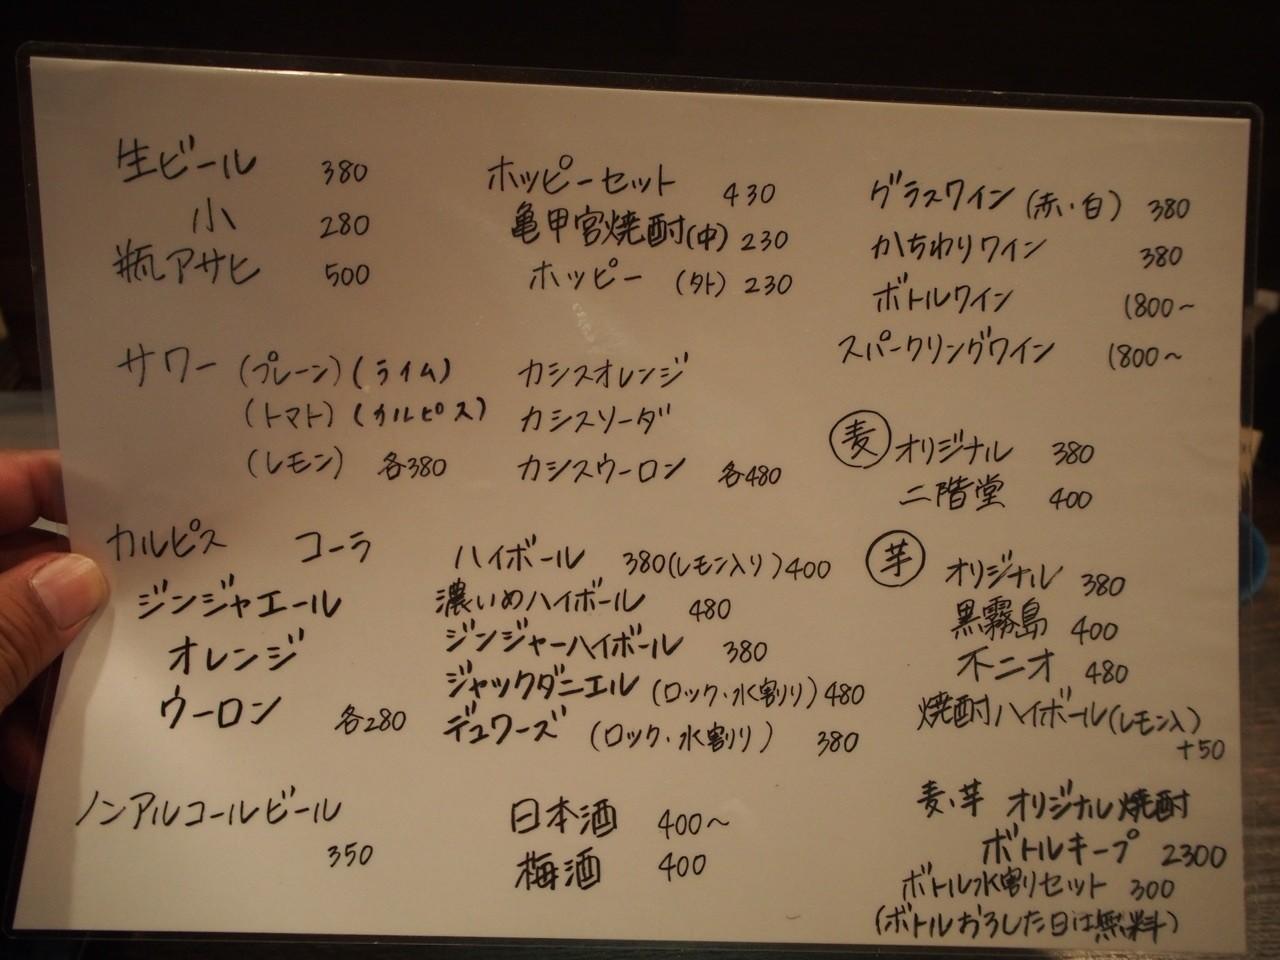 大阪居酒屋Nanchat亭的eri菜單